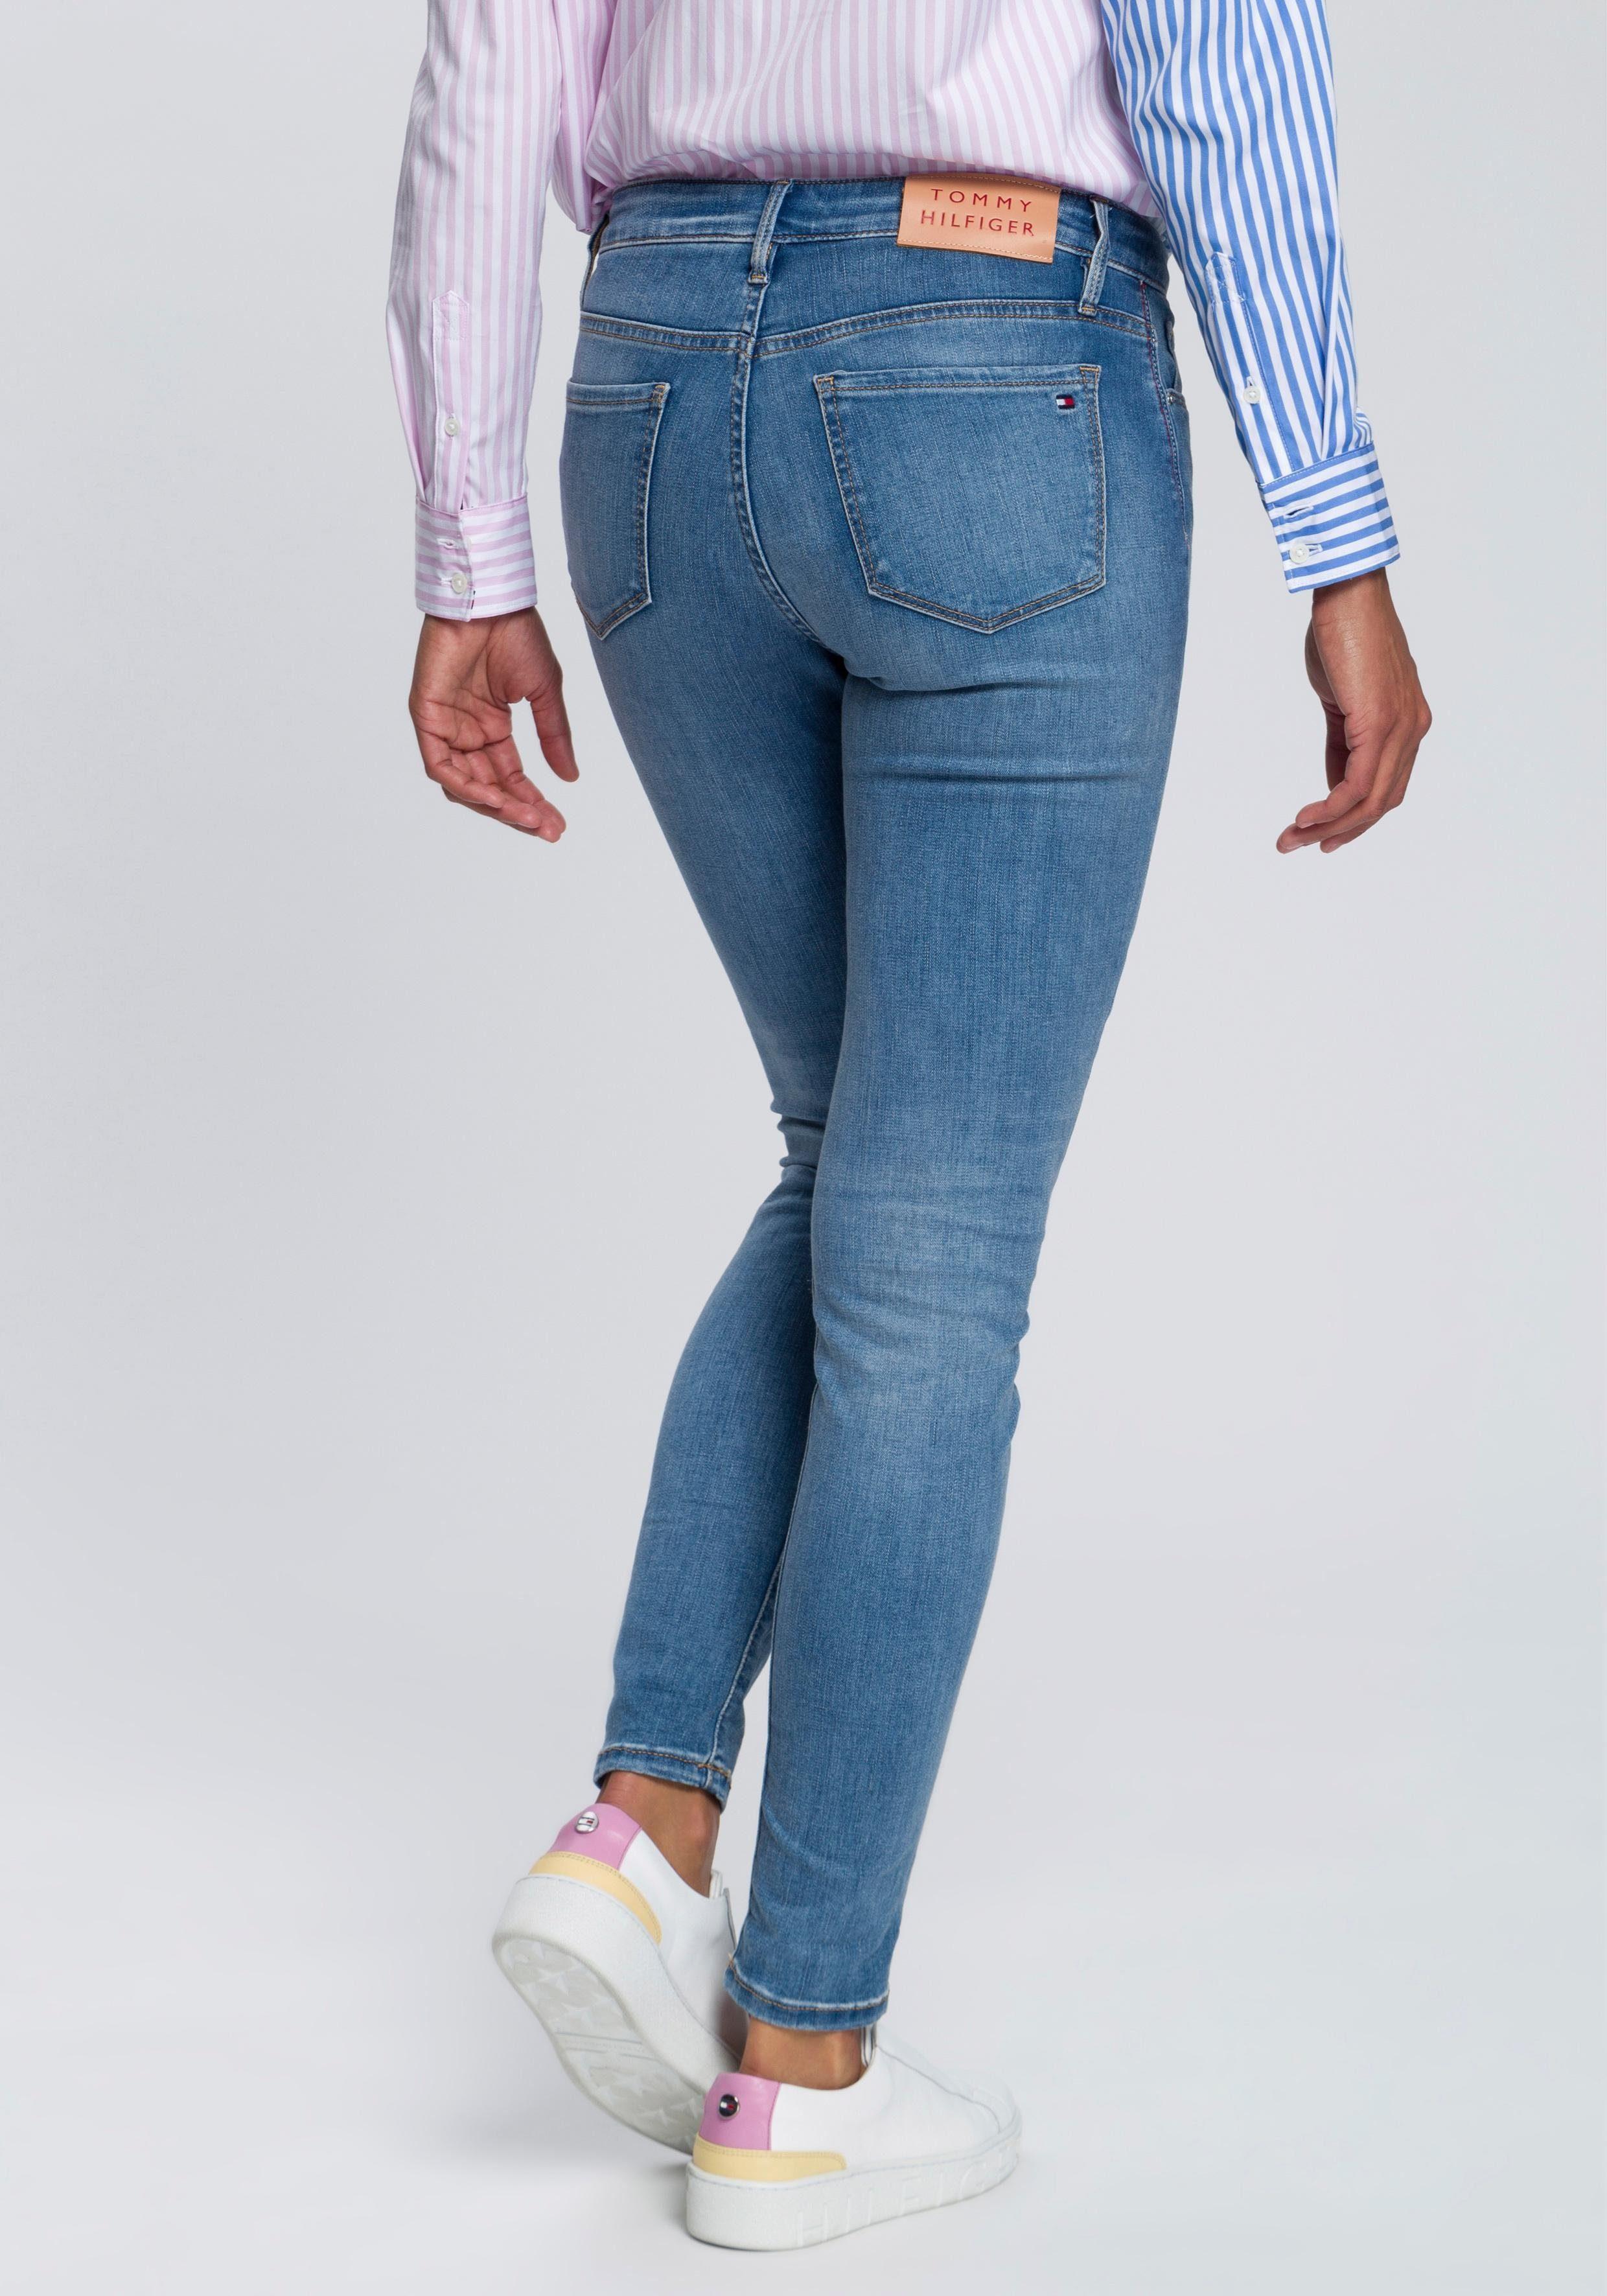 TOMMY HILFIGER 5-Pocket-Jeans »Como« mit gekrempeltem Hosensaum